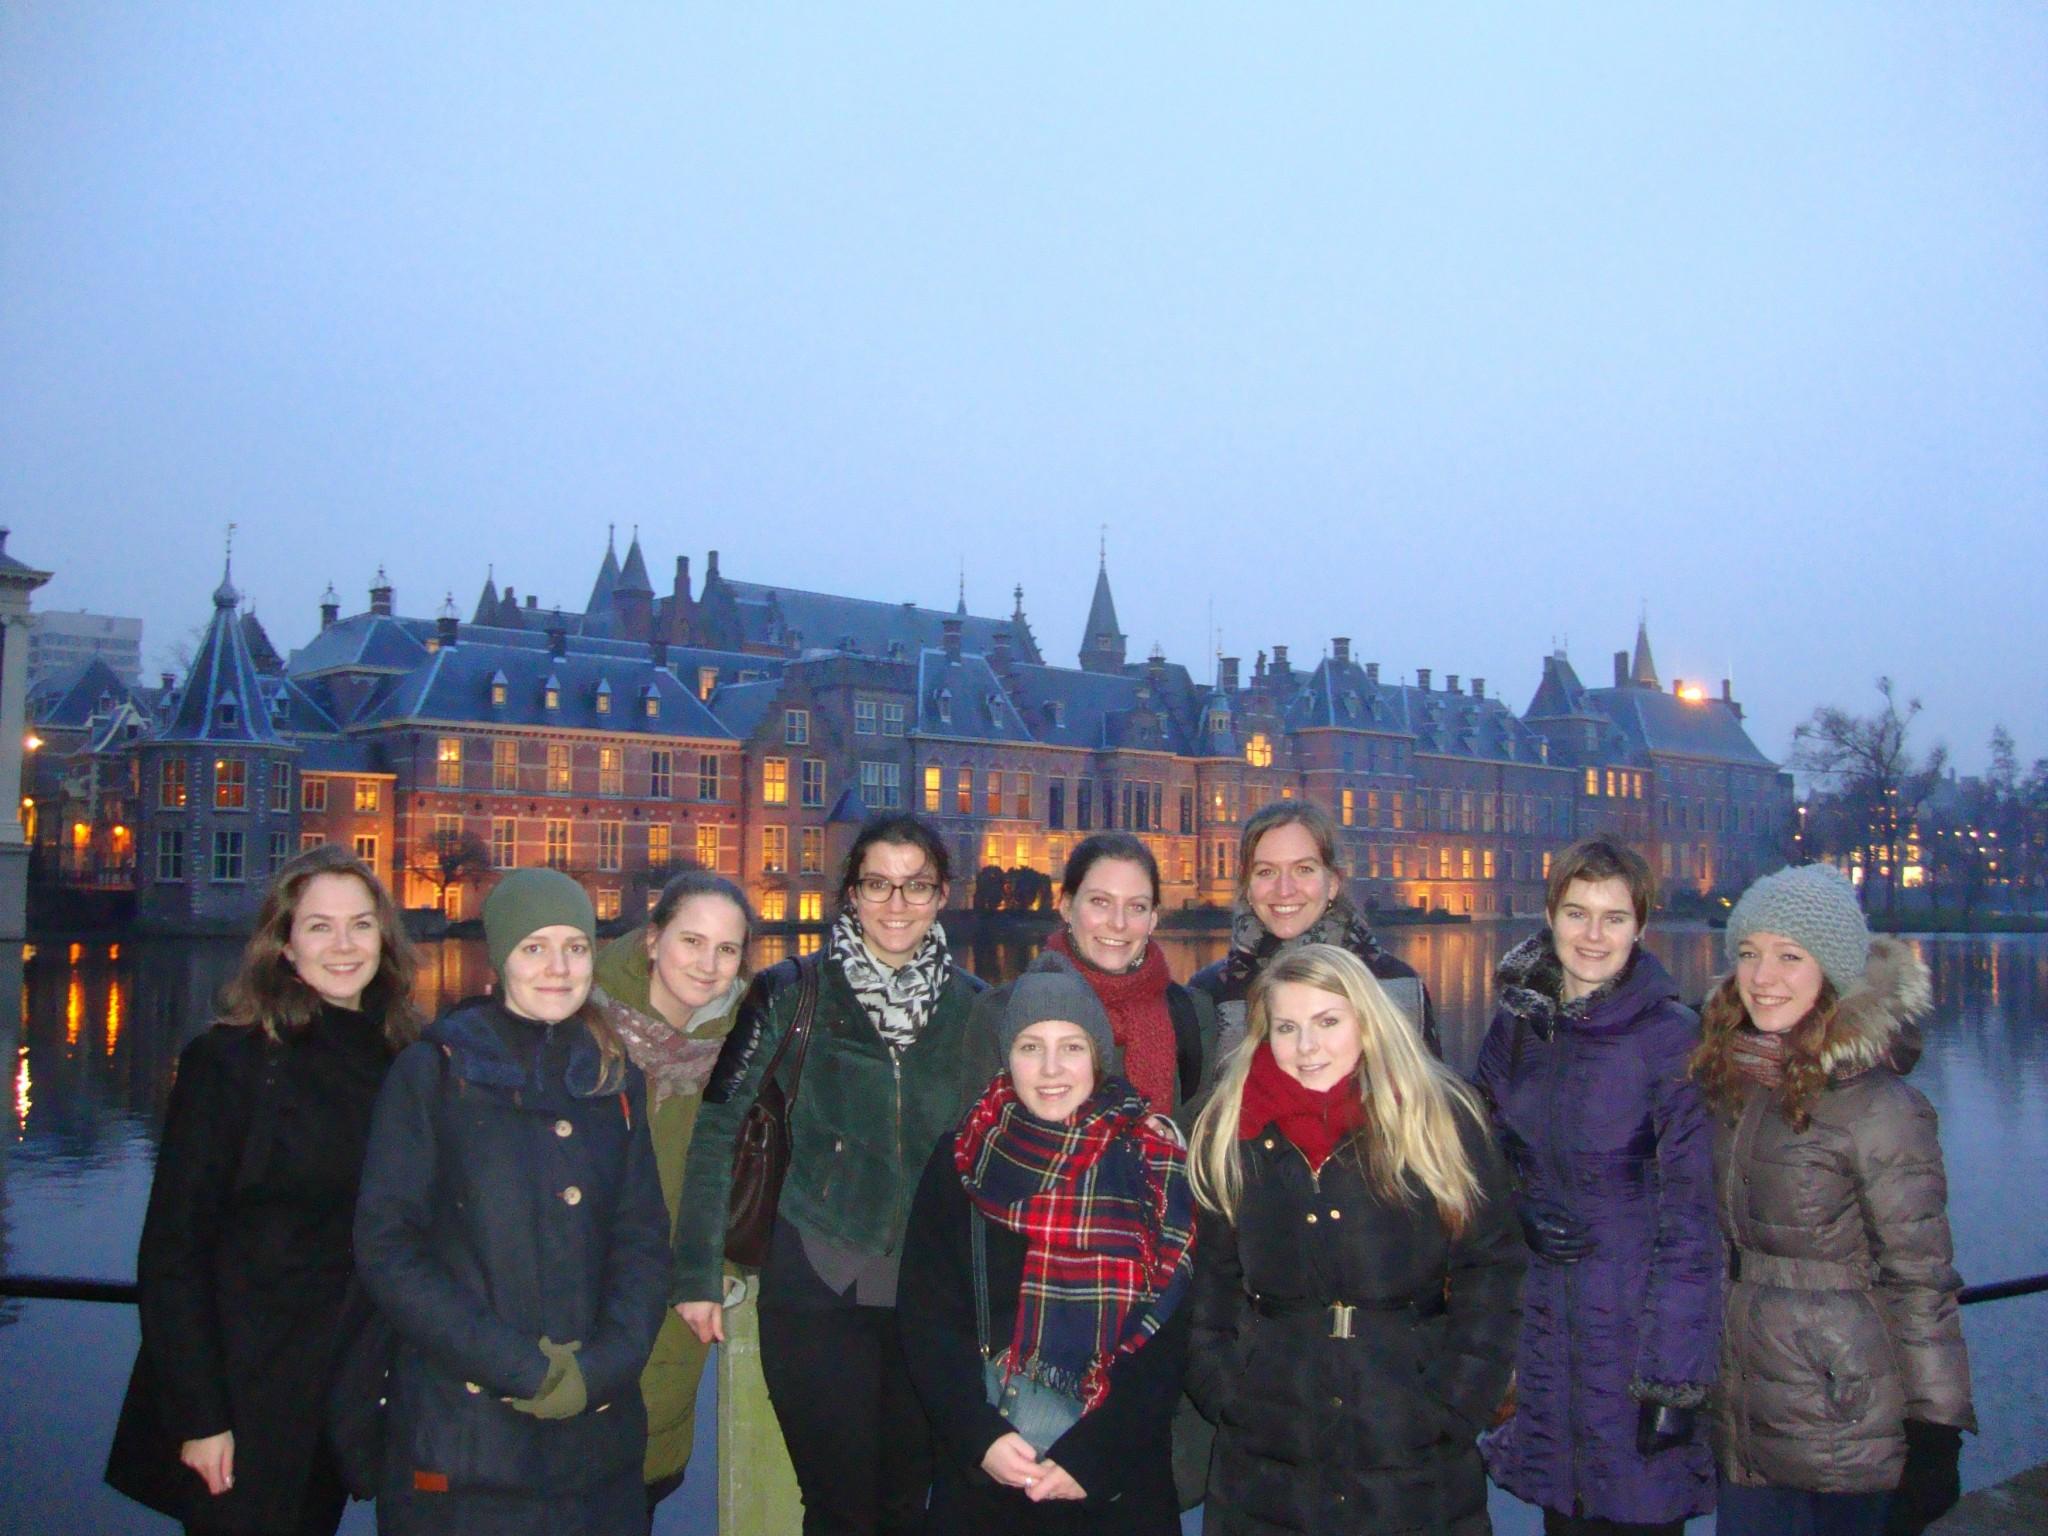 De Russische en Nederlandse studenten in Den Haag. Helemaal links staat Linda Brouwers.